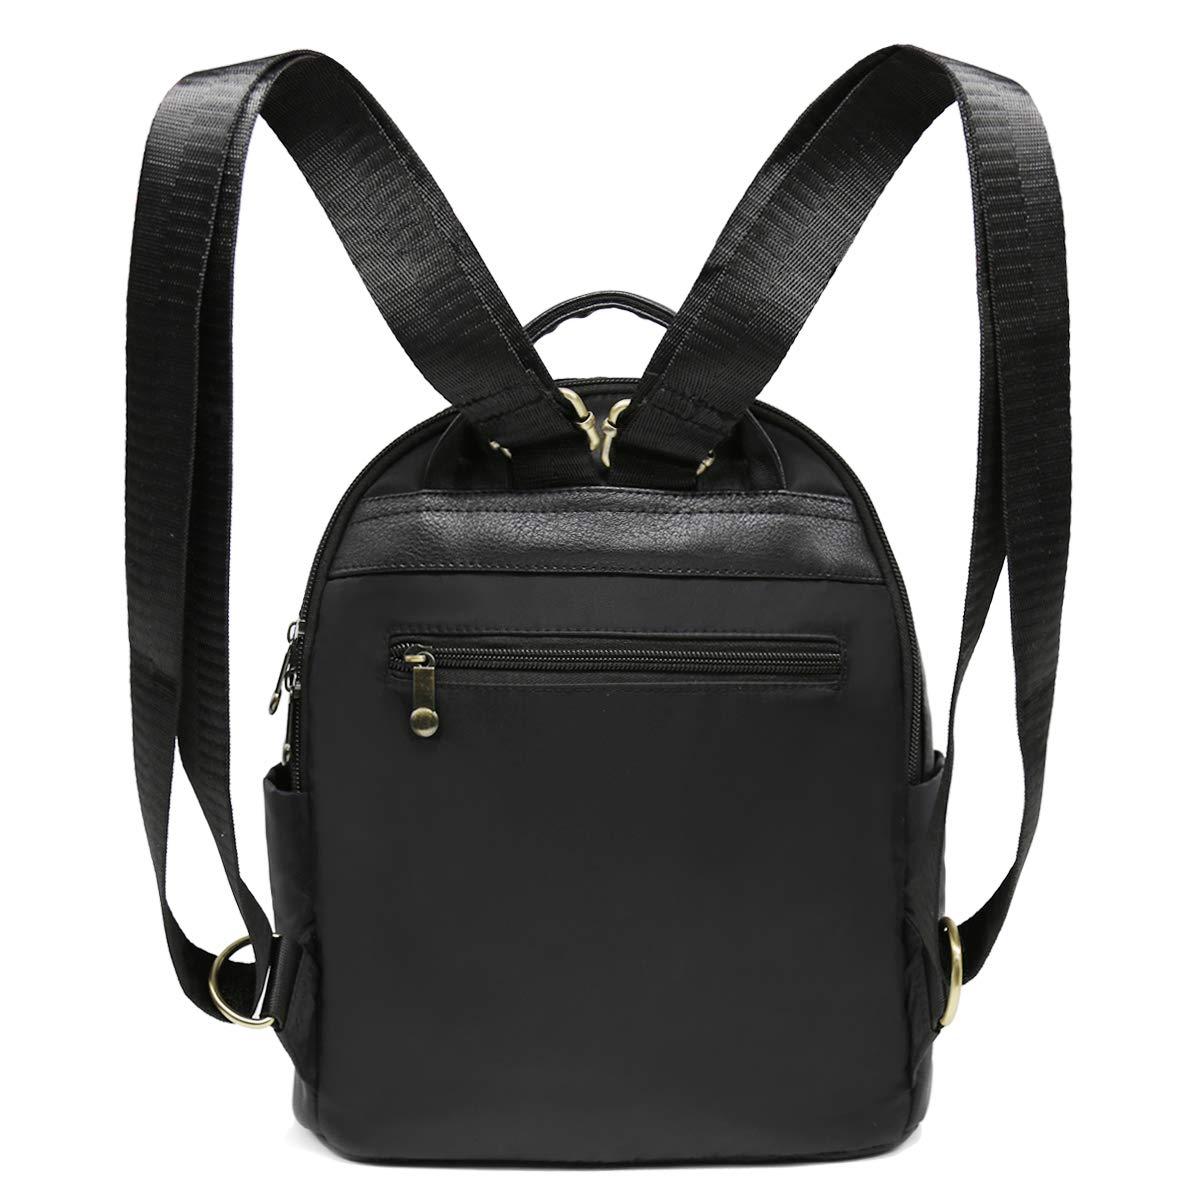 Cute Mini Backpack for Women,Embroidered Rose Backpack,Black Nylon Small Traveling Backpack Bookbag for Girls